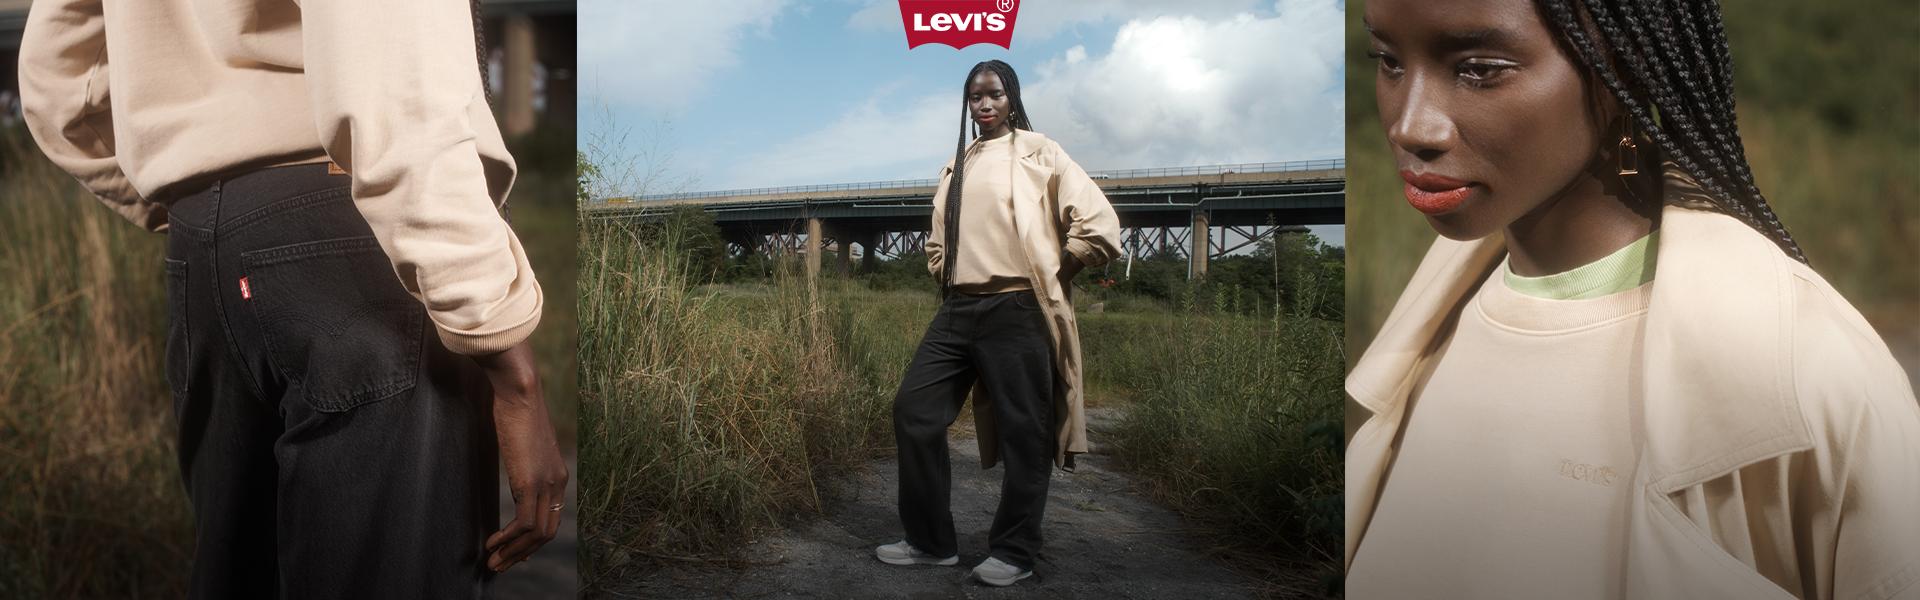 Levi's® Sustainability